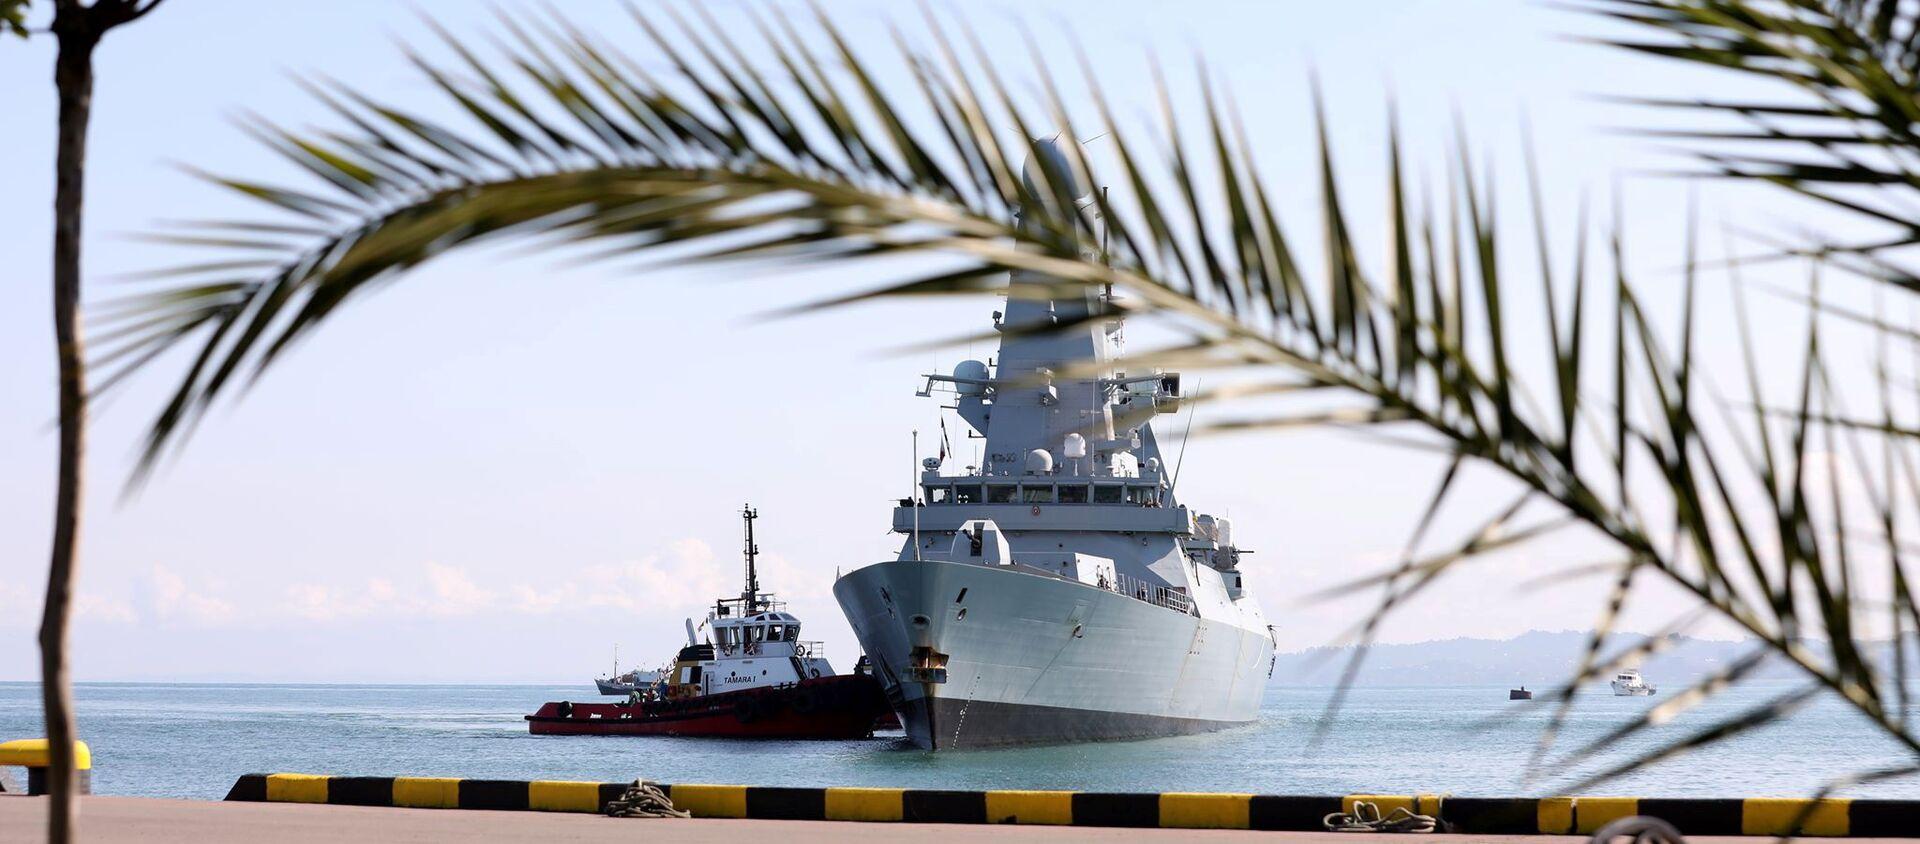 Tàu chiến HMS Defender của Hải quân Hoàng gia Anh tiếp cận cảng Biển Đen của Batumi, Georgia, ngày 26/6/2021 - Sputnik Việt Nam, 1920, 29.06.2021